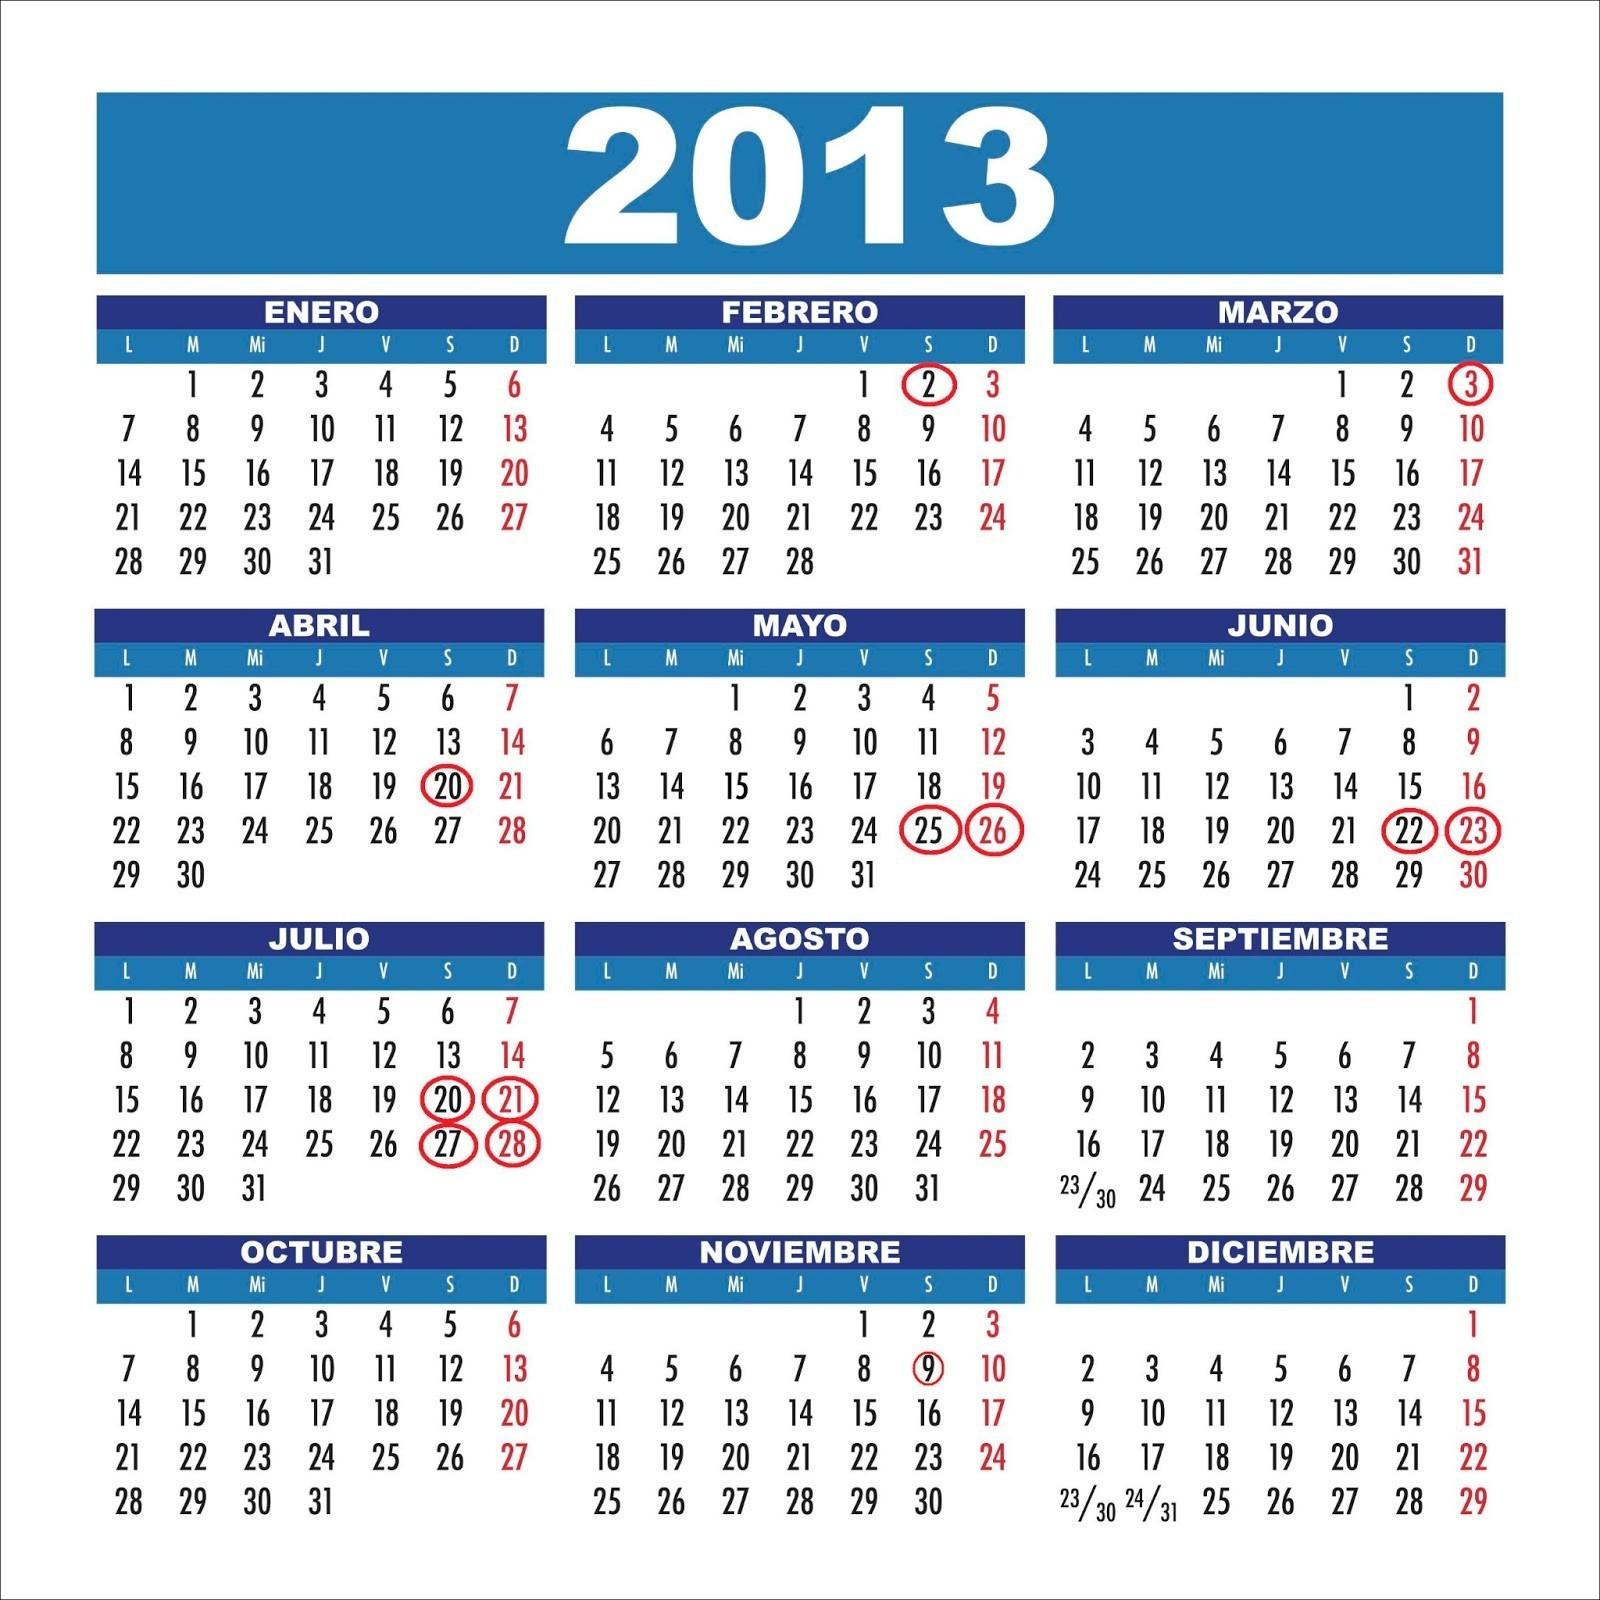 calendarios imprimir junio 2019 mas reciente evaluar imprimir calendario del mes de junio 2019 of calendarios imprimir junio 2019